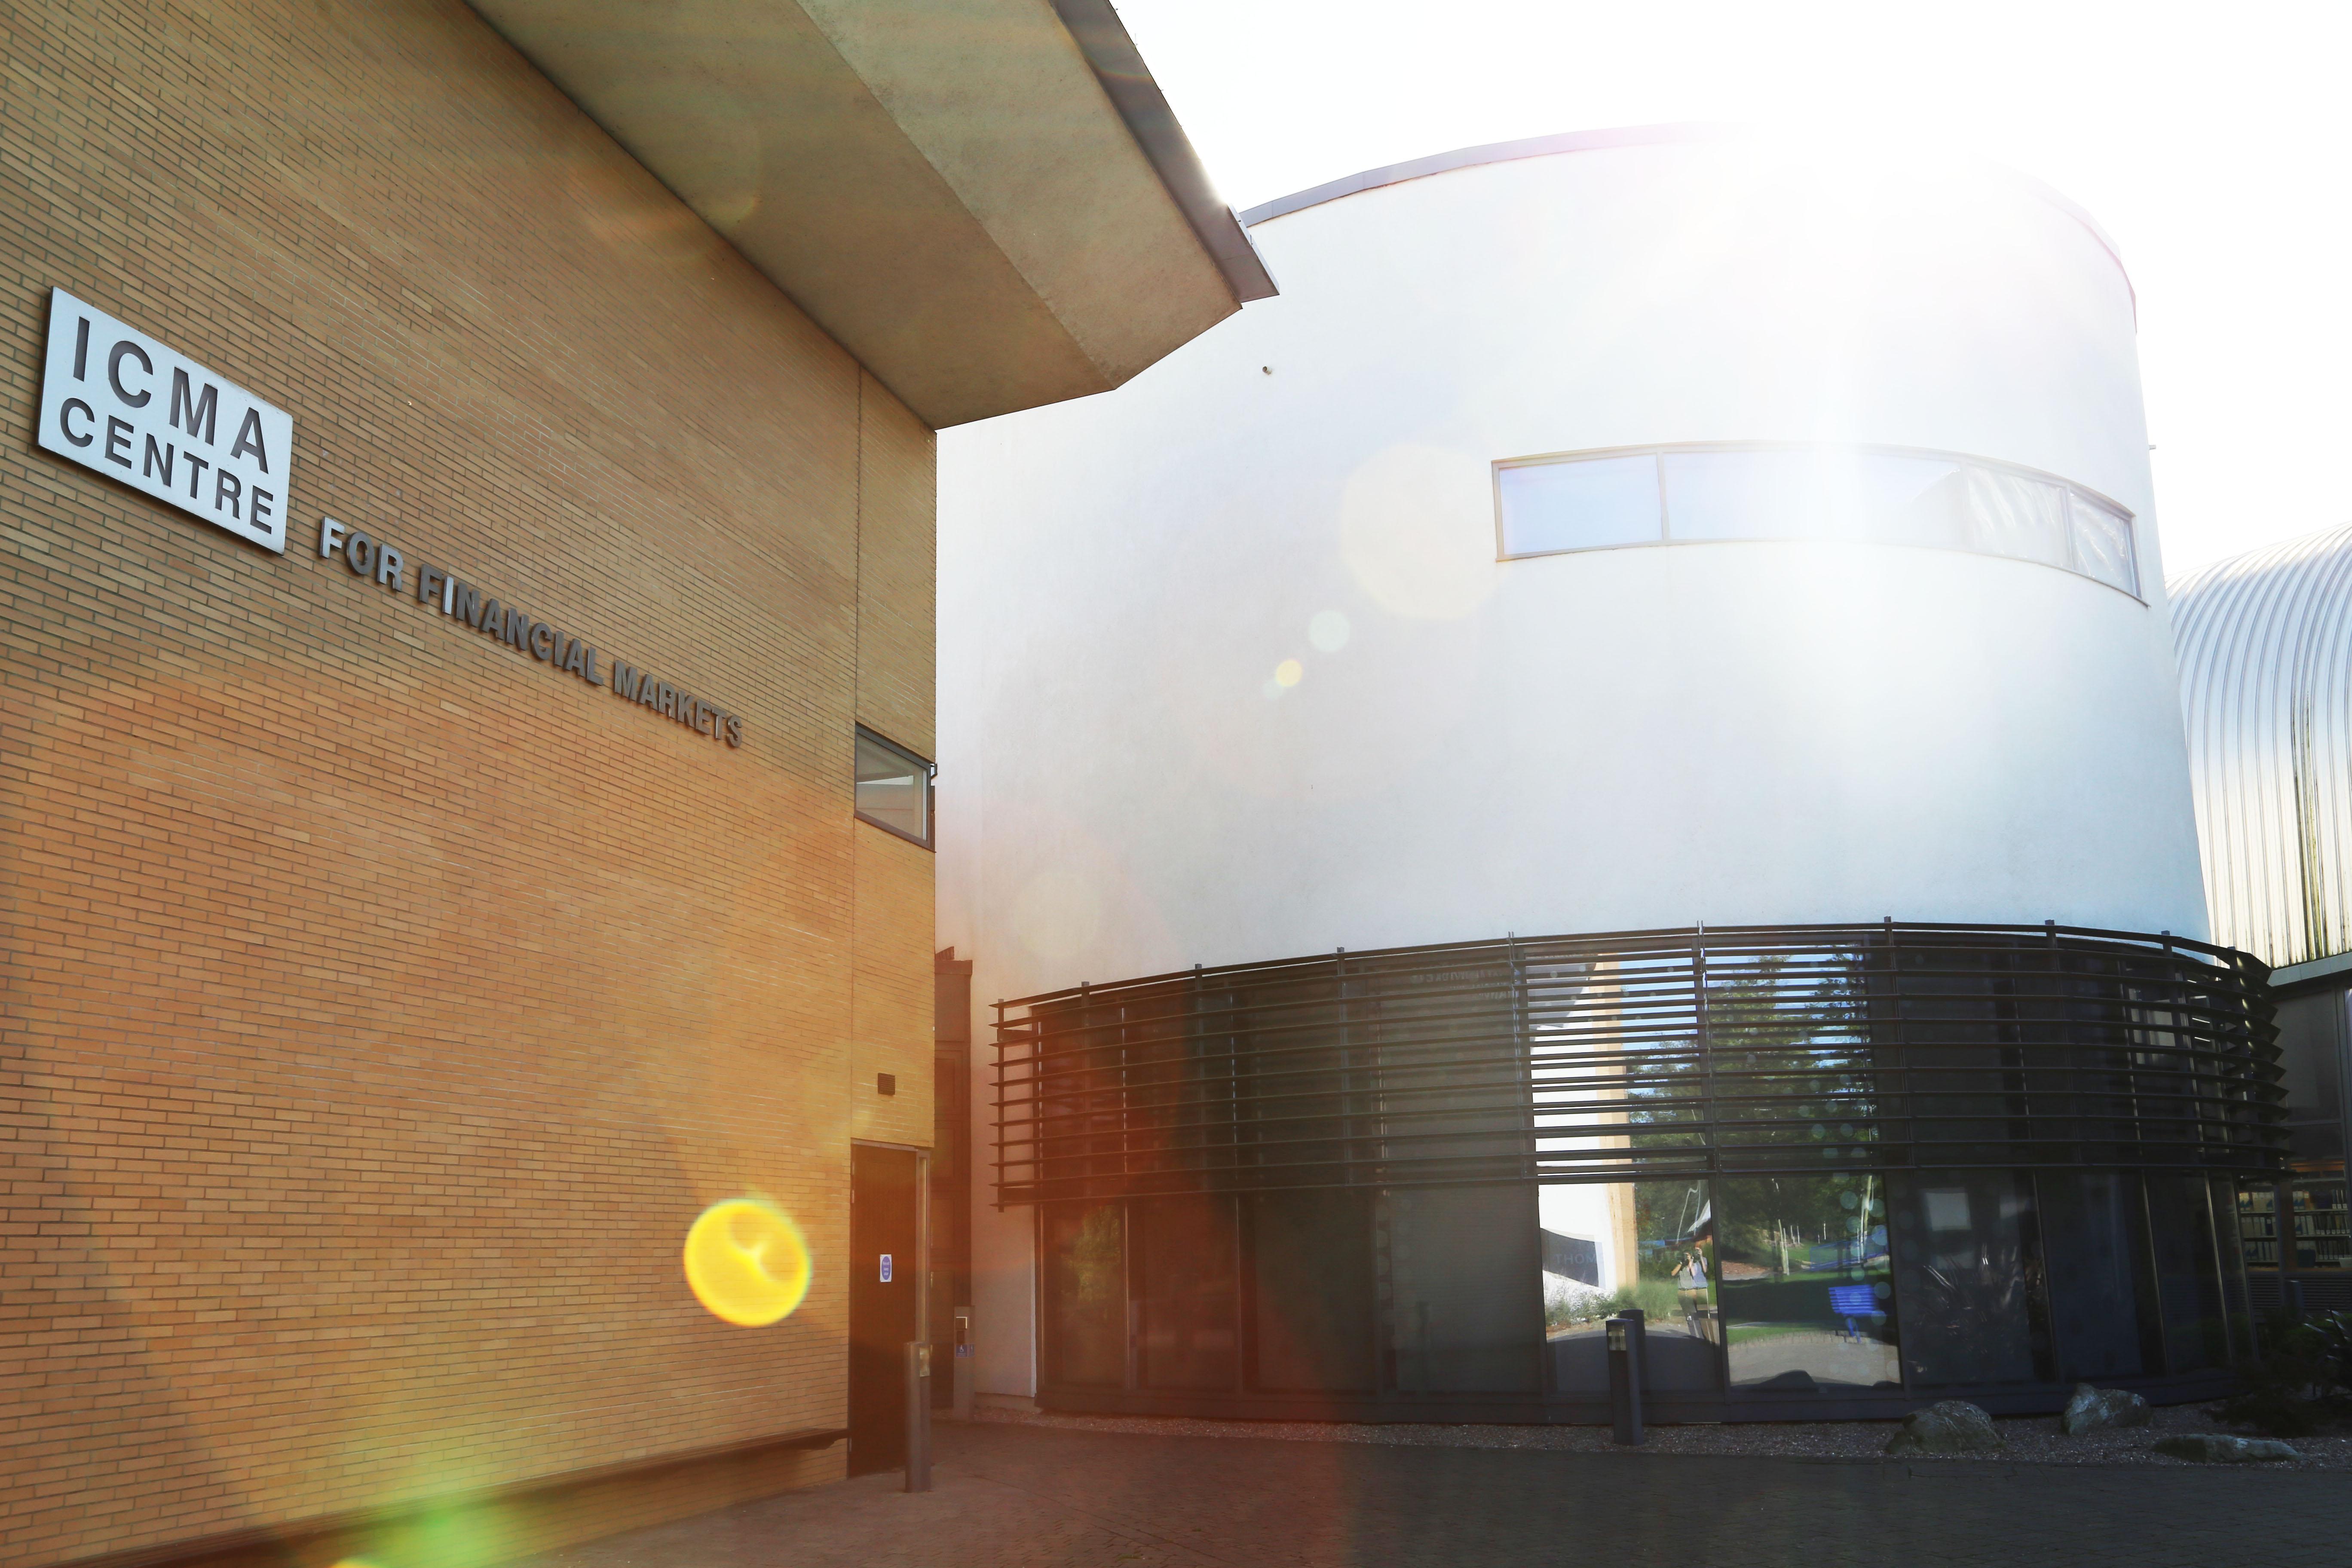 ICMA Centre sun flare